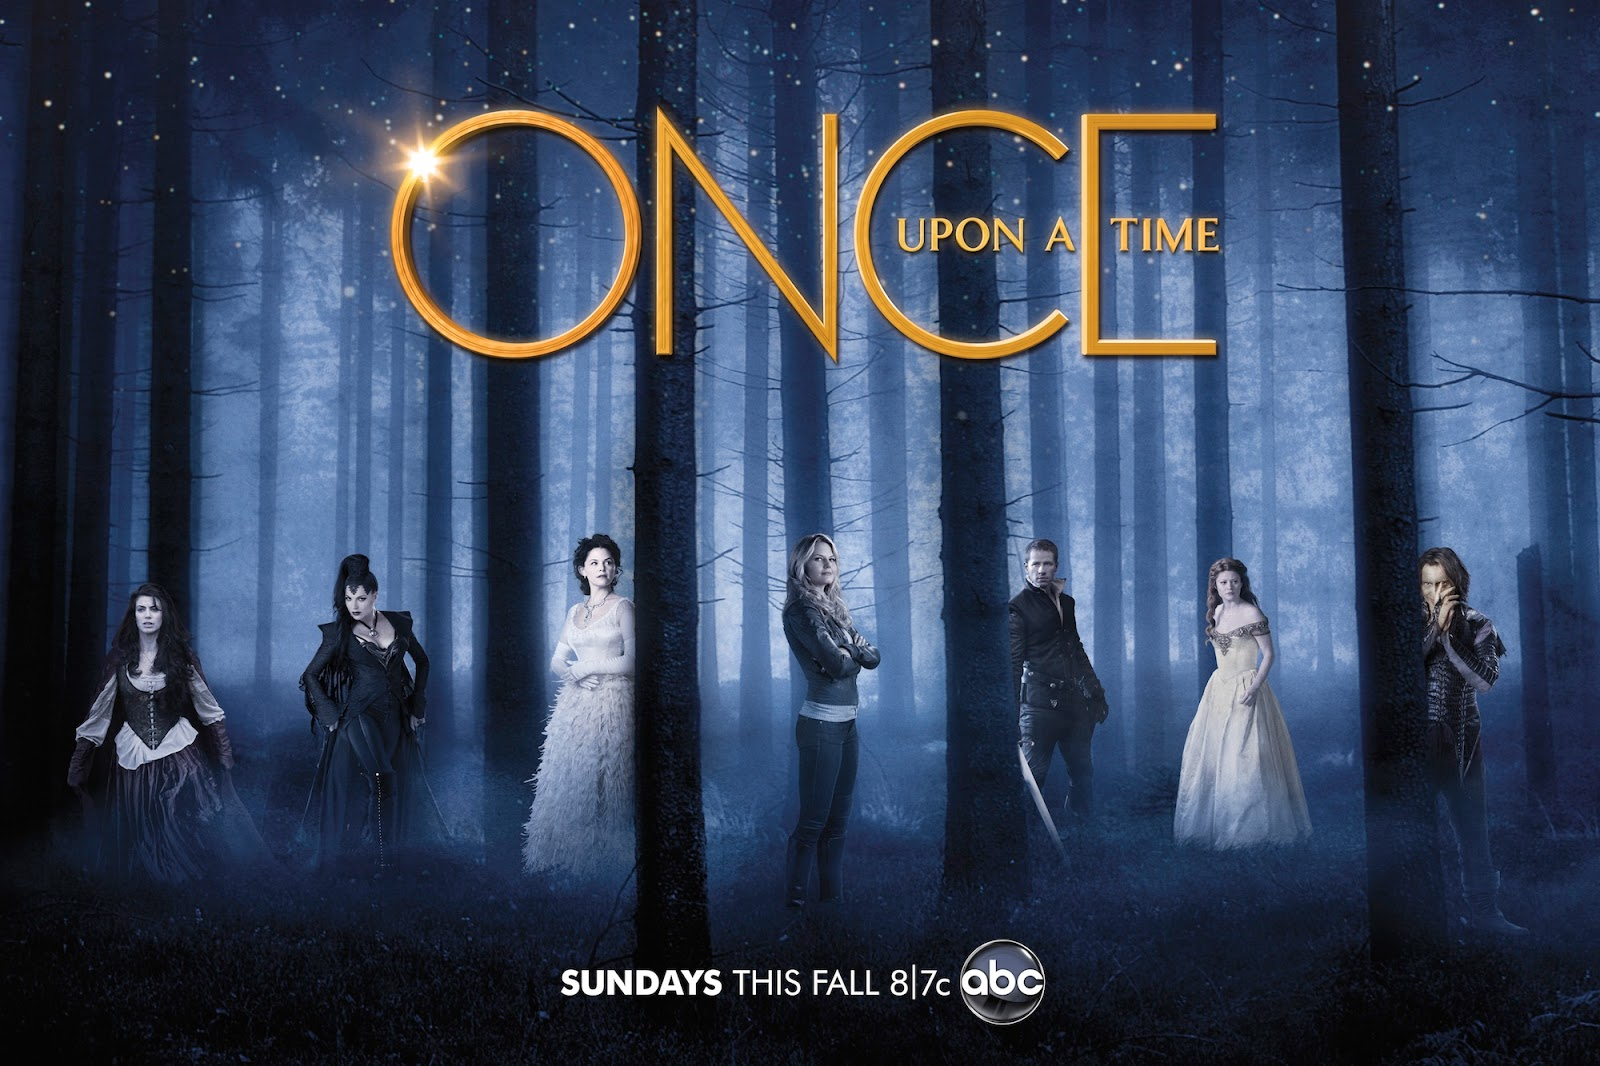 Once Upon A Time 5 Sezon 10 Bölüm Sneak Peek 3 Fragmania